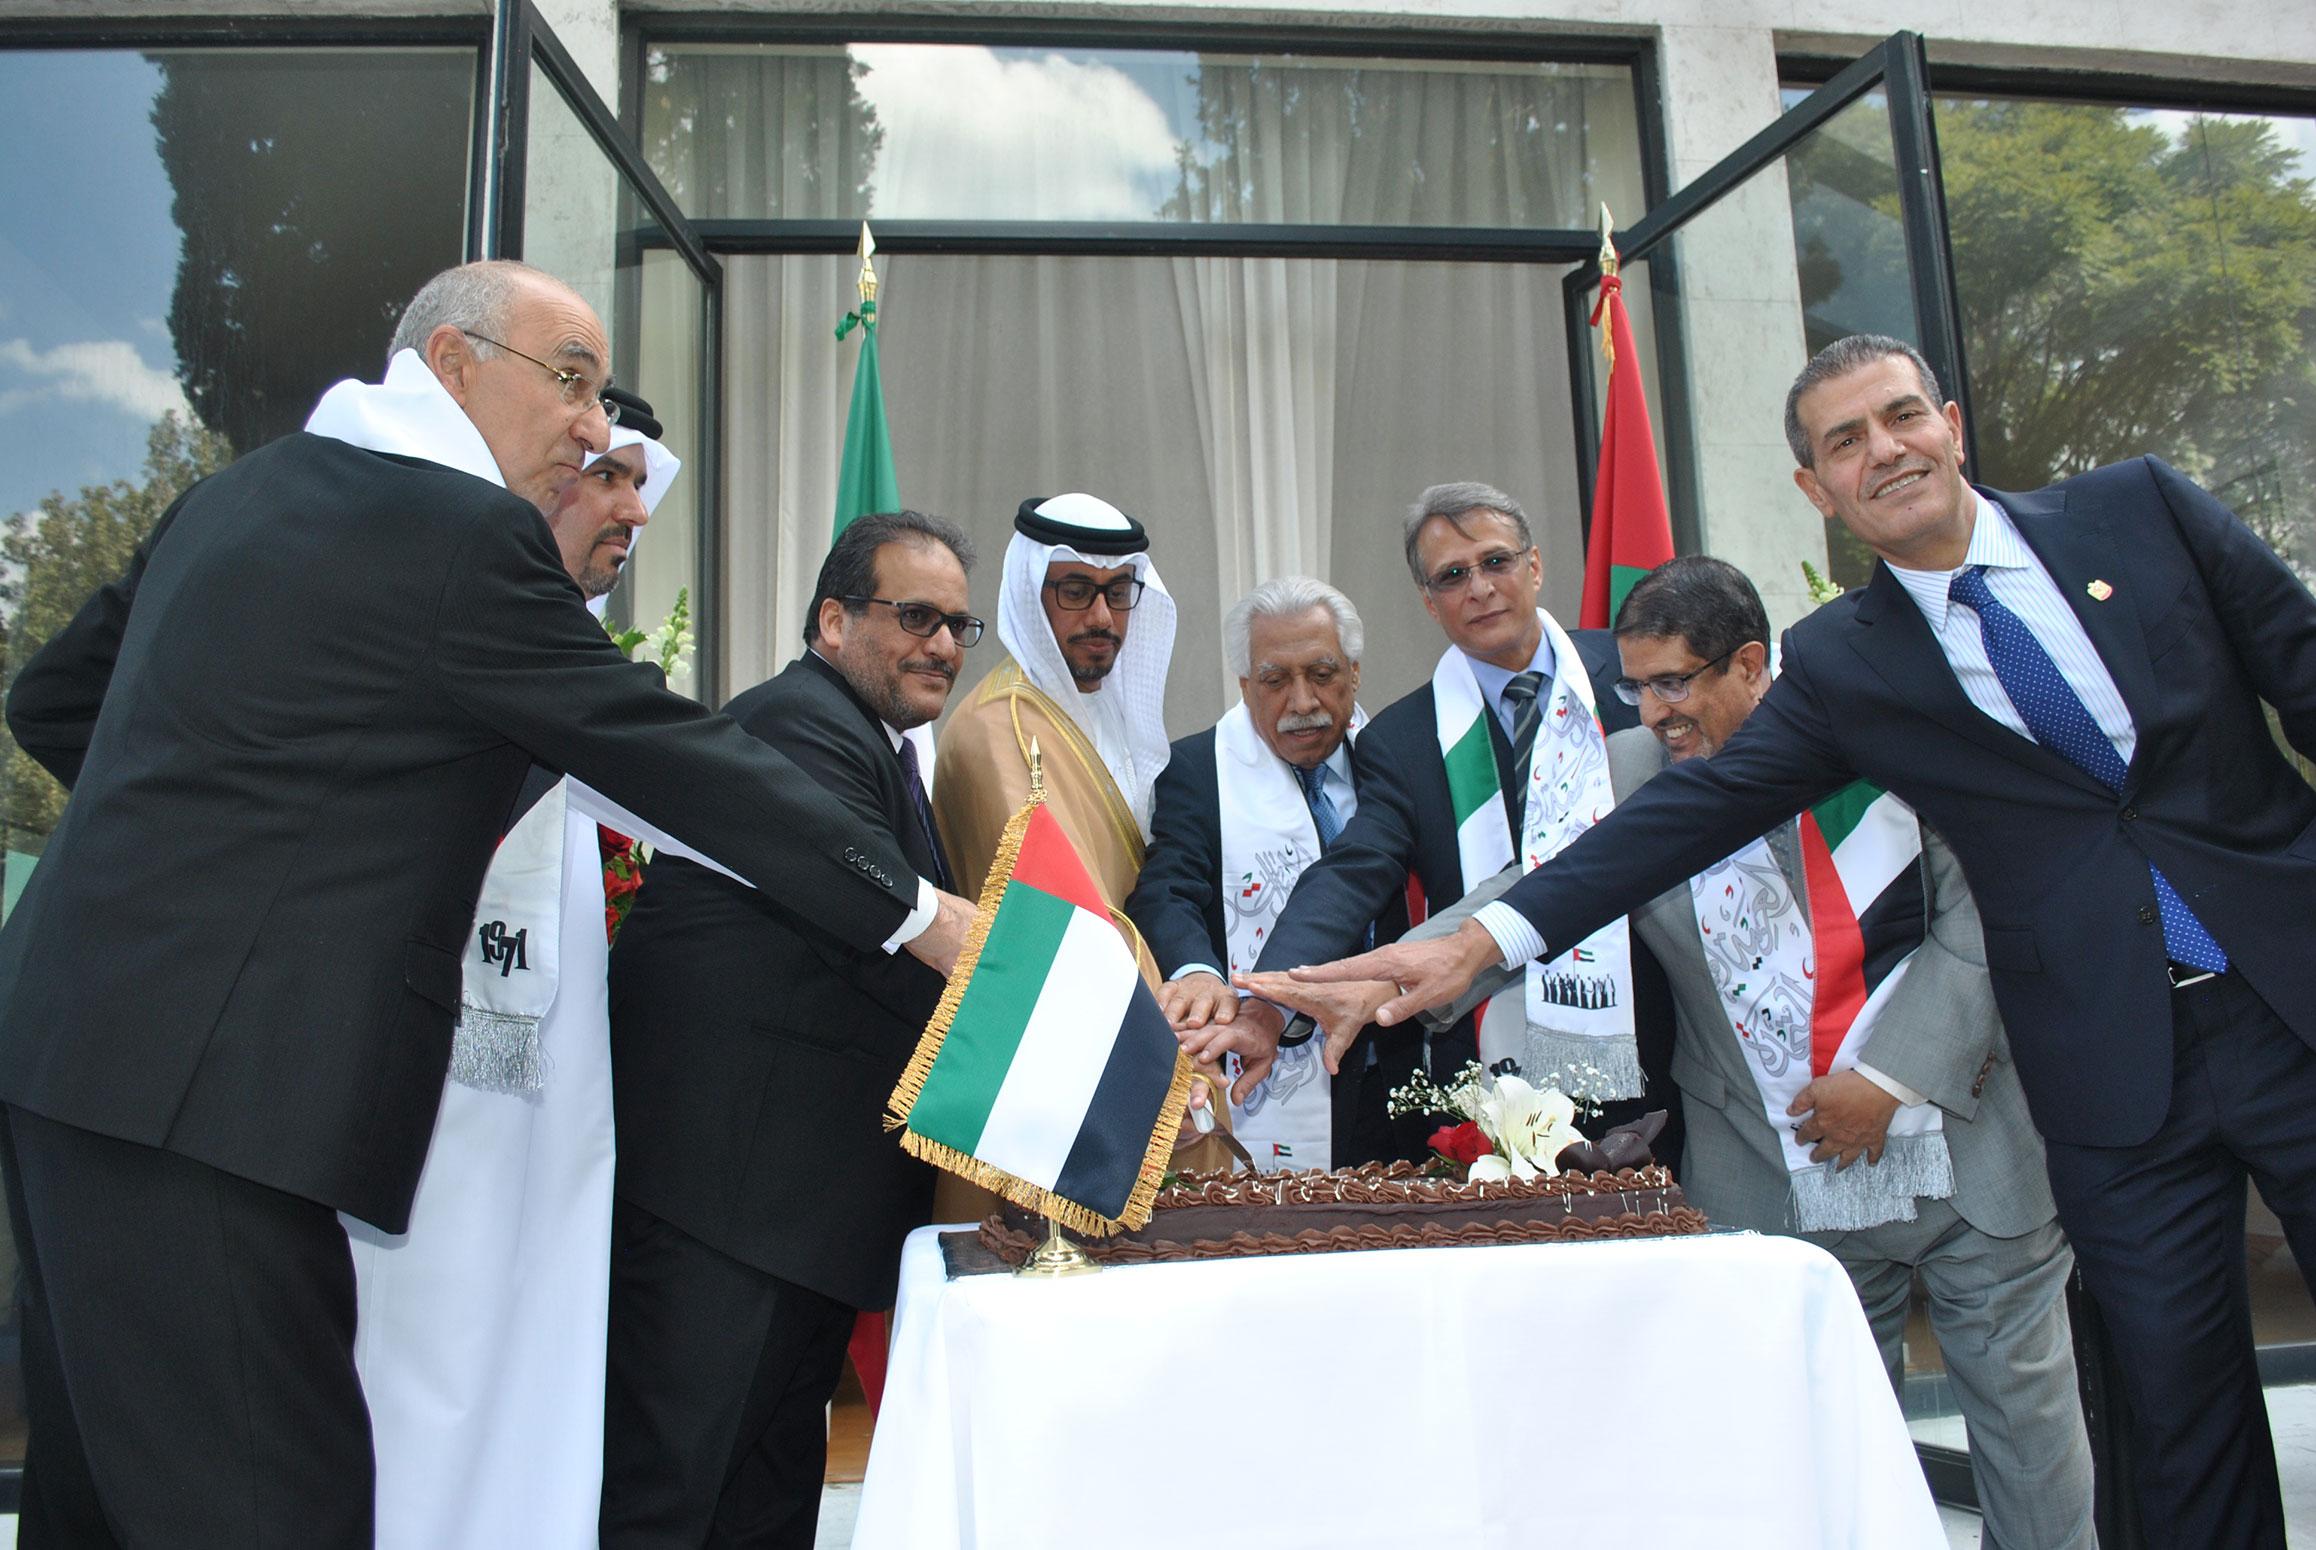 Rabah Hadid, embajador de Argelia; Ahmed Abdulla A. A. Al-Kuwari, embajador de Qatar; Hammad G. M. Al Rowaili, embajador de Arabia Saudita; Ahmed Hatem Al Menhali, embajador de los Emiratos Árabes Unidos; un invitado al evento, Muteb Saleh F Almutoteh, embajador de Kuwait; Muftah R. M. Altayar, embajador de Libia, y Abdulkarim Mansoor Obeidat, embajador de Jordania